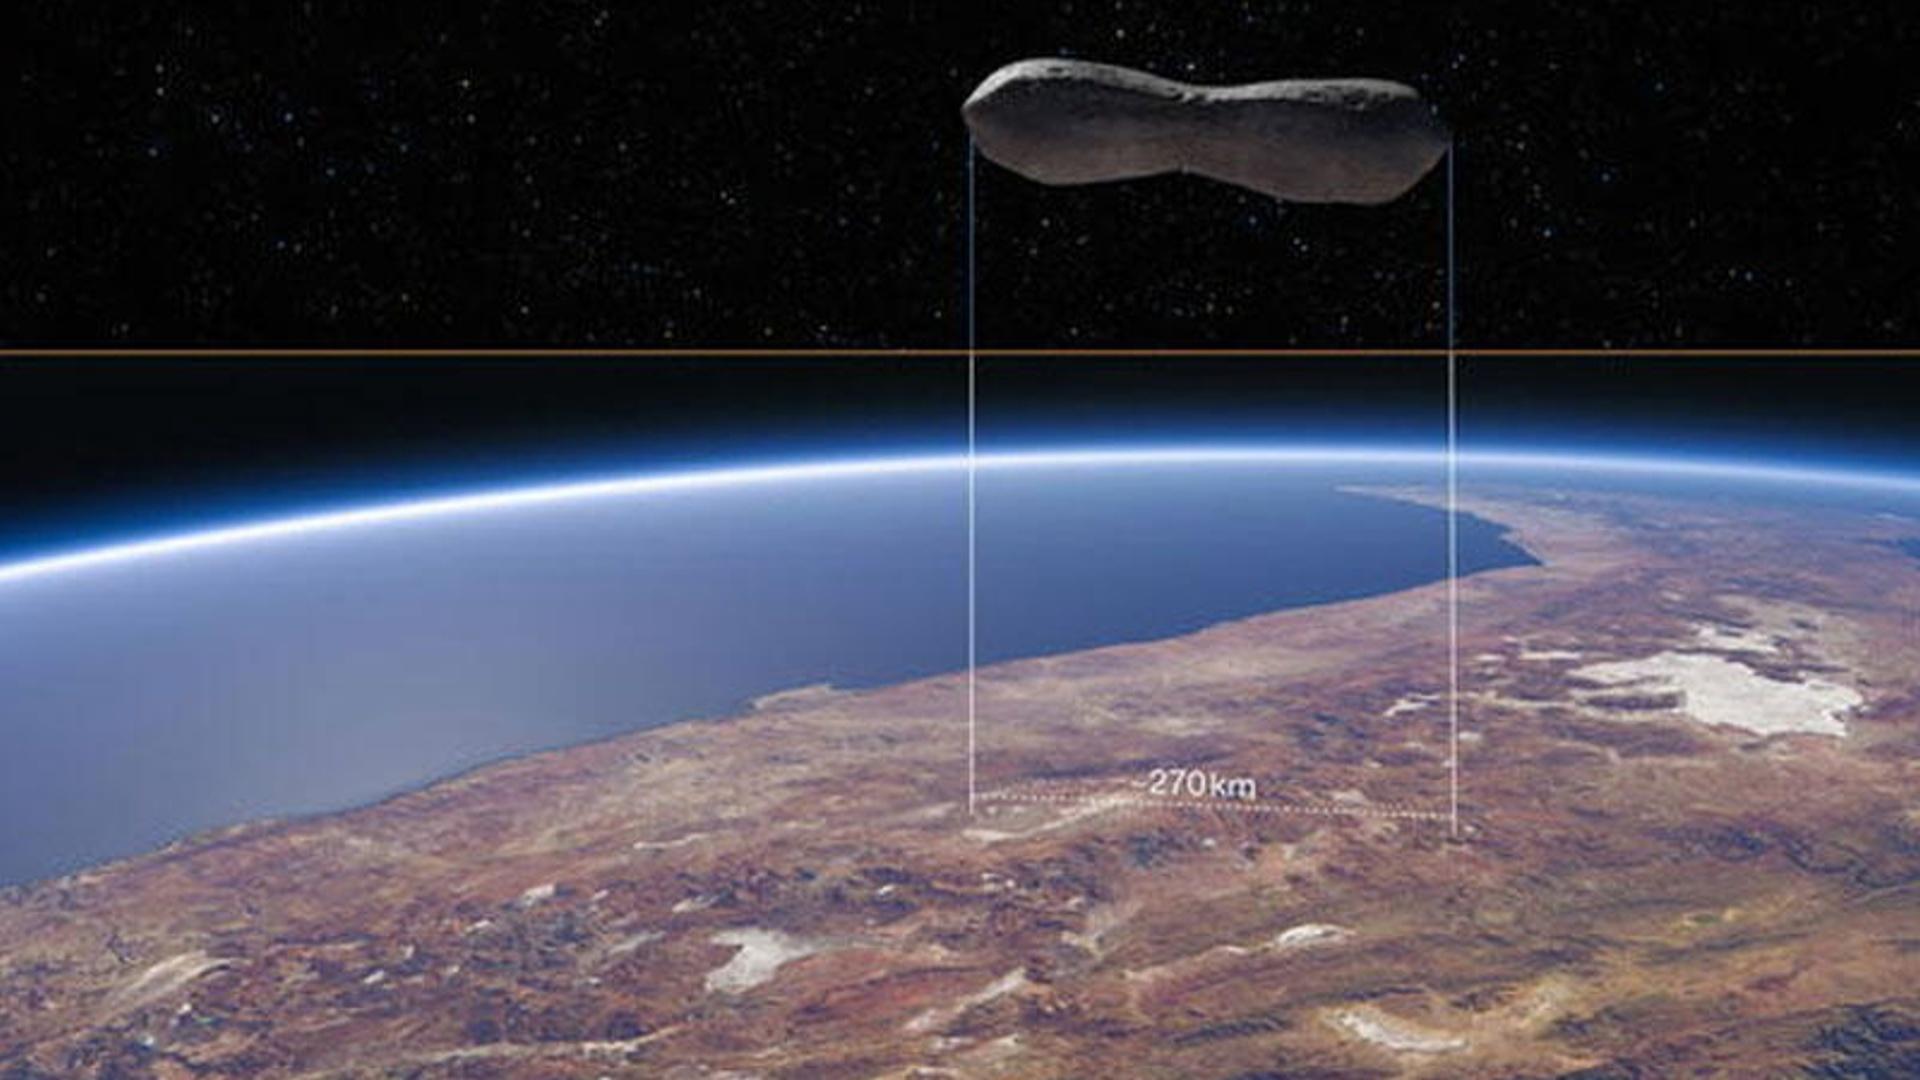 Qeyri-adi asteroidin ən yaxşı görüntüsü əldə edilib